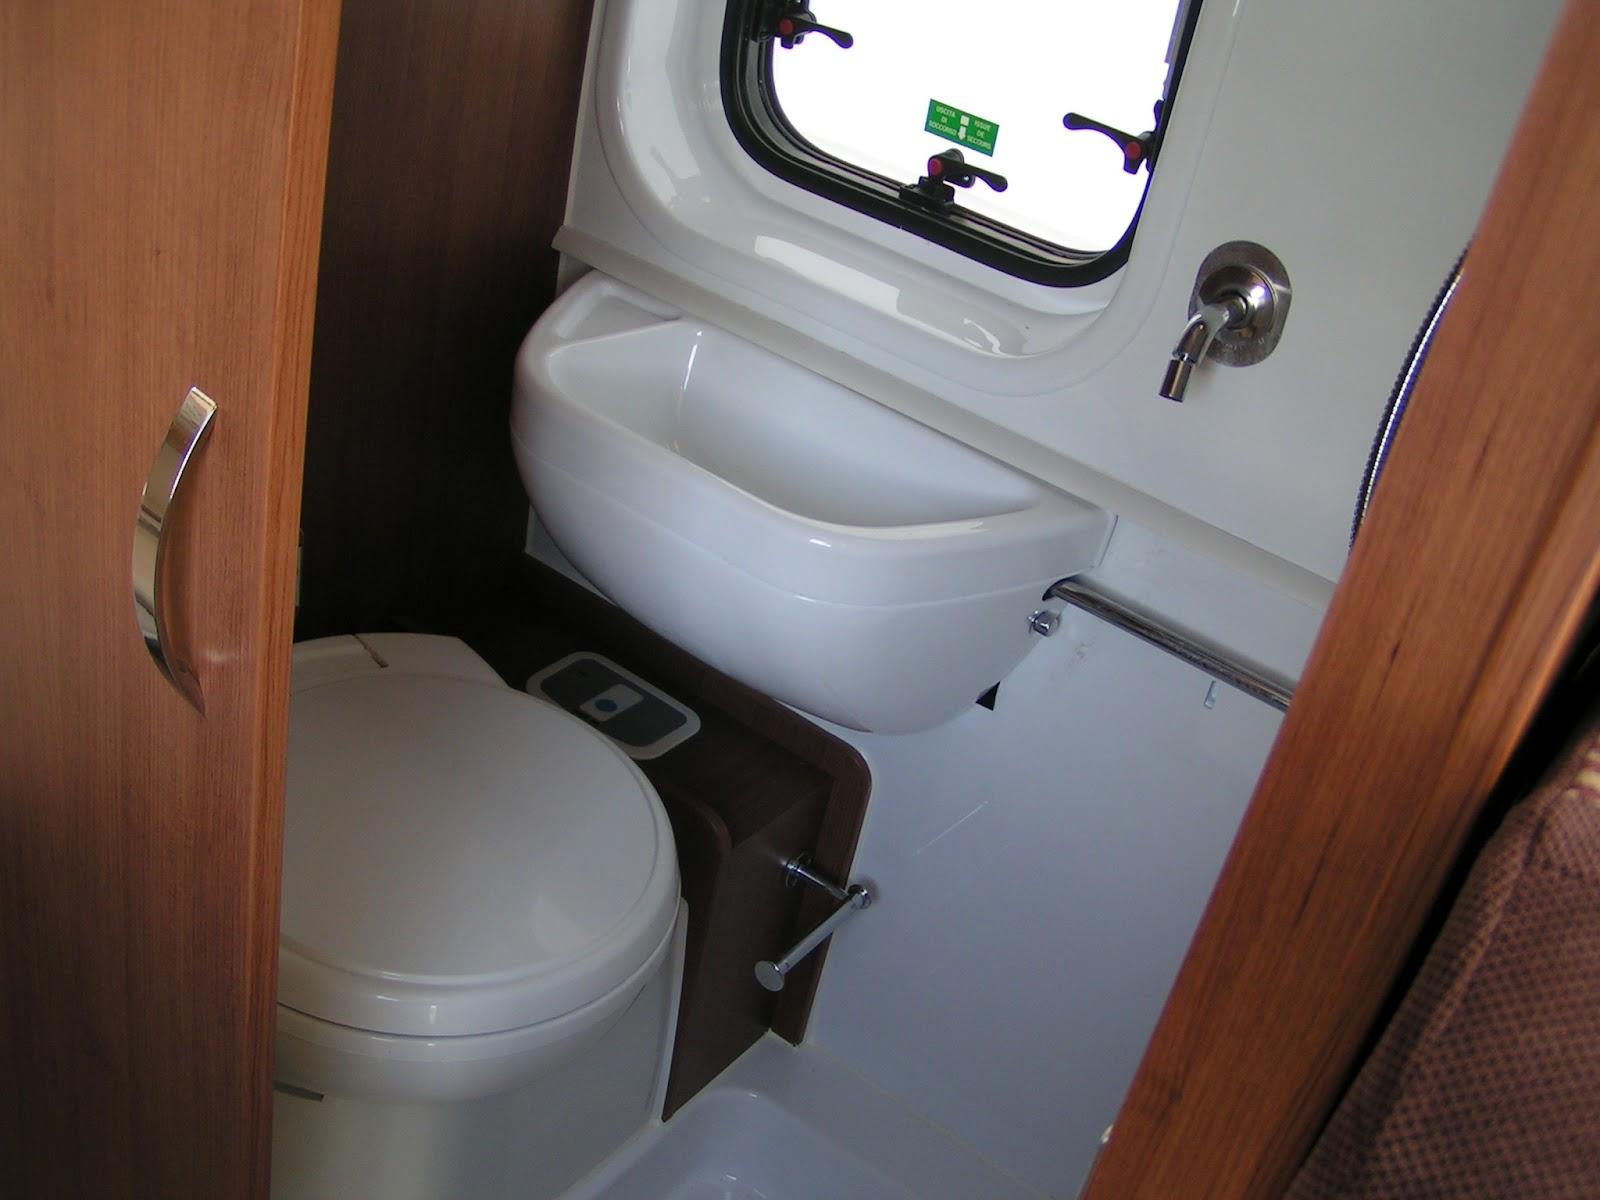 essai longue dur e du fourgon chausson twist 02 prestige juillet 2012. Black Bedroom Furniture Sets. Home Design Ideas